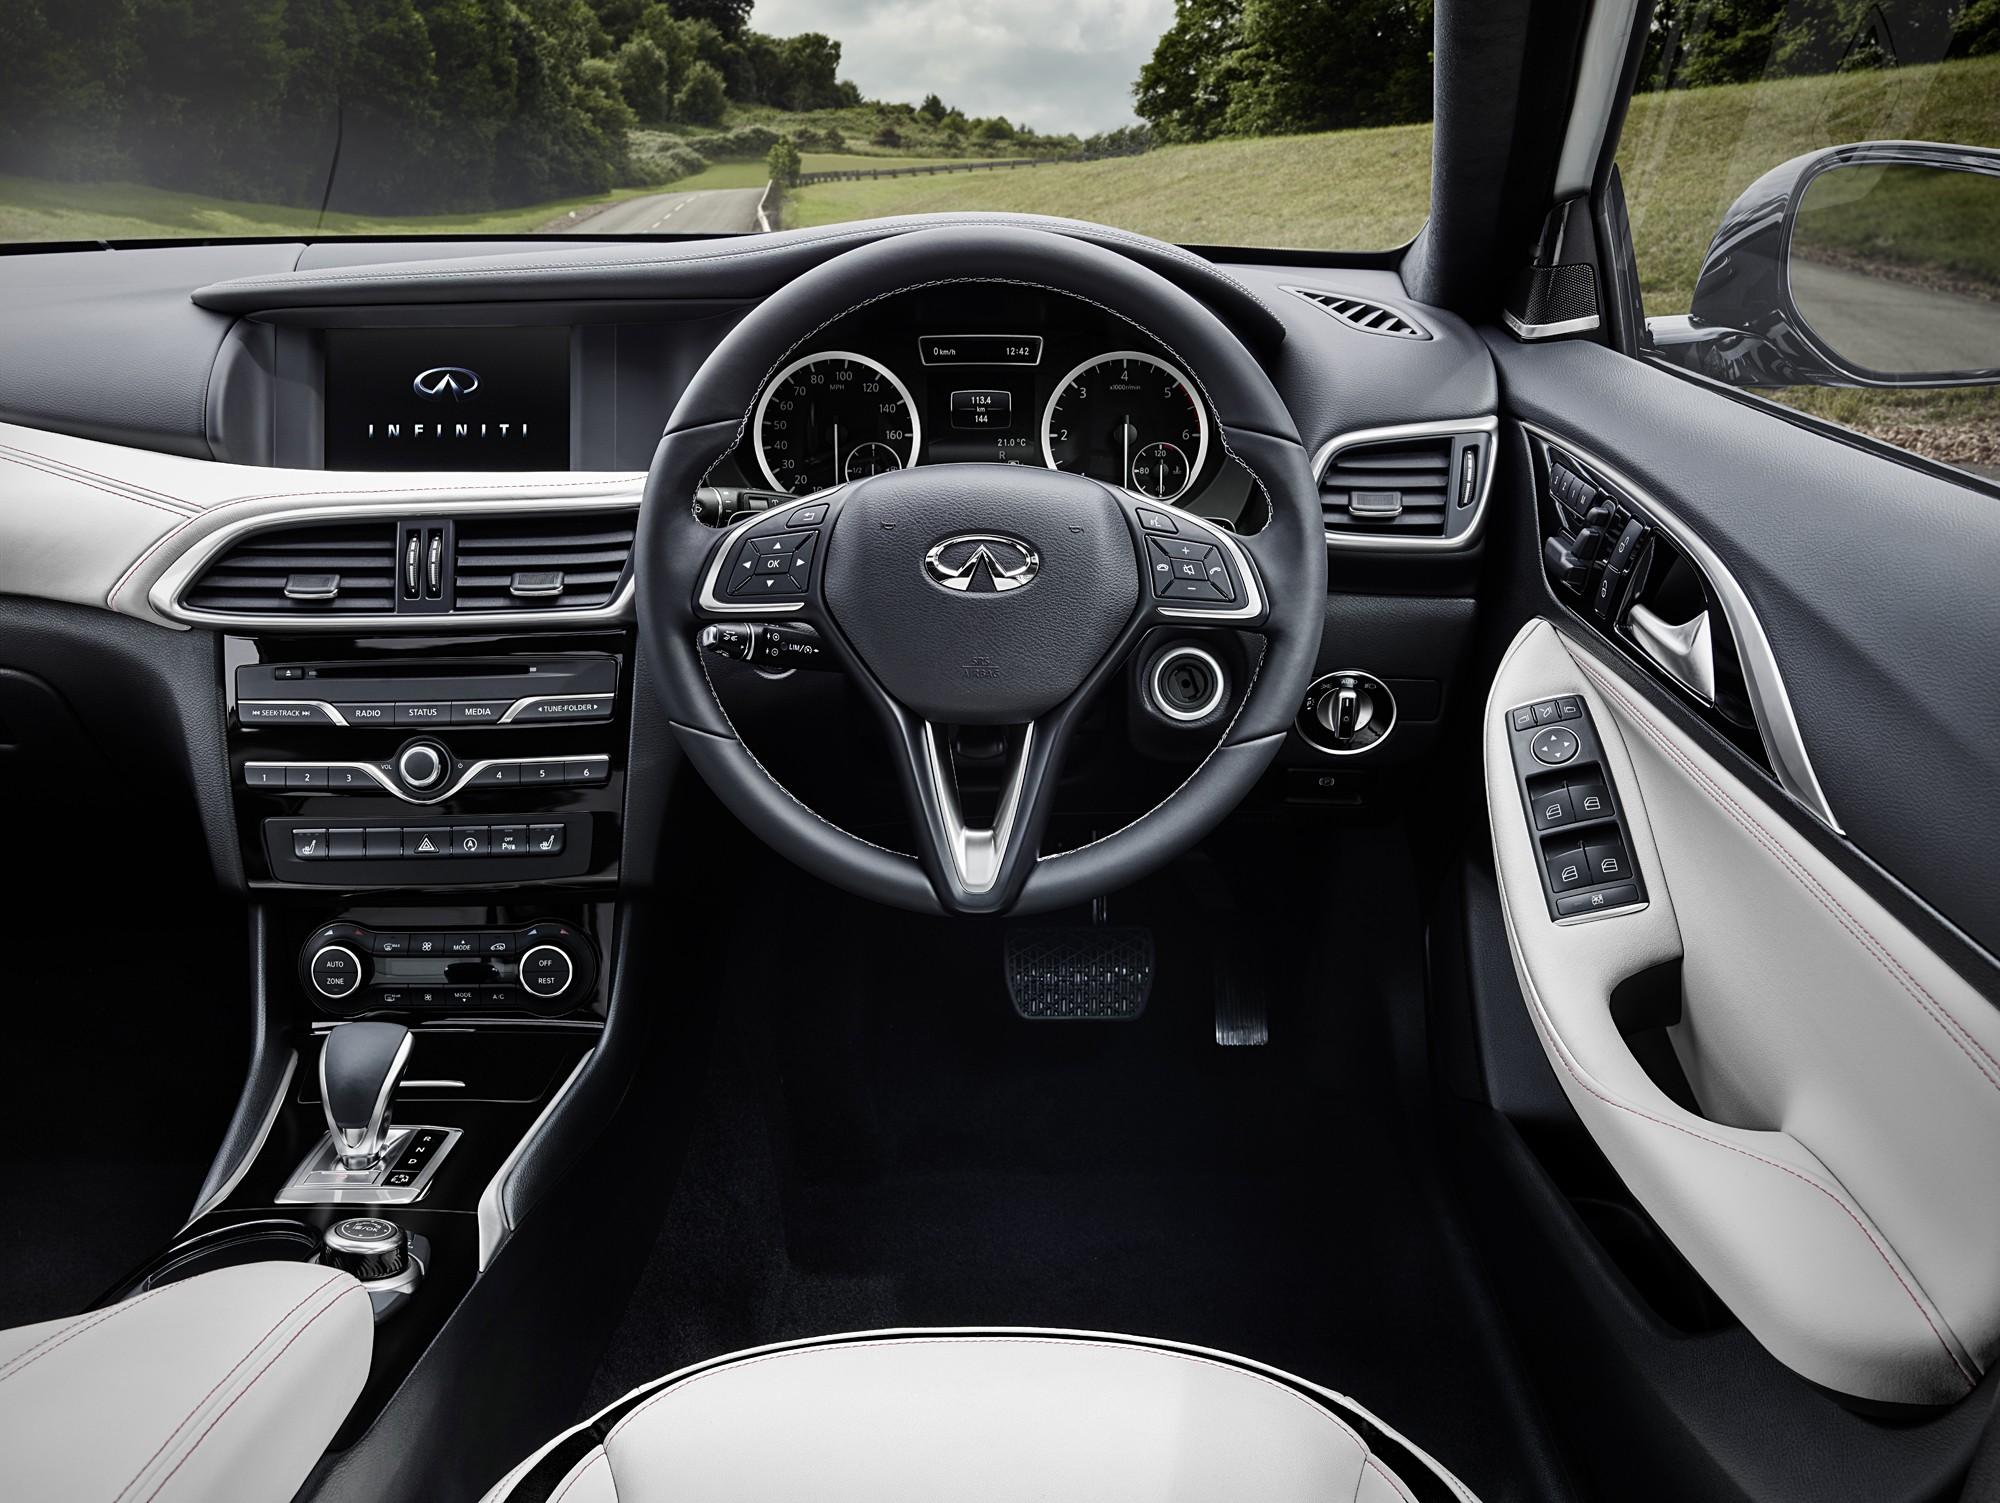 Infiniti Reveals Q30 Interior, It has Mercedes-Benz ...